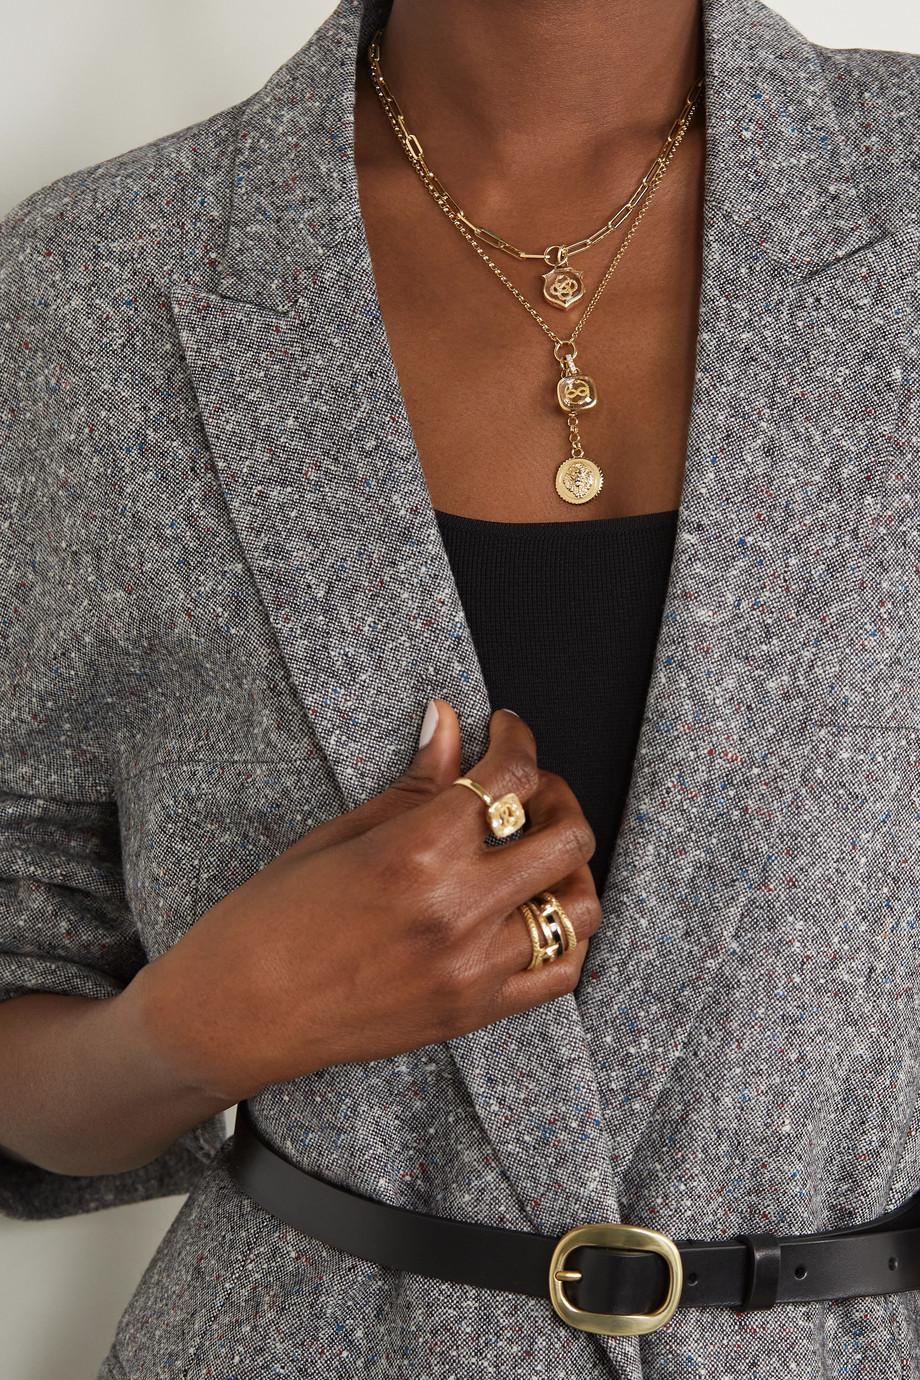 Foundrae Wholeness and Strength Kette aus 18 Karat Gold mit Quarz und Diamanten